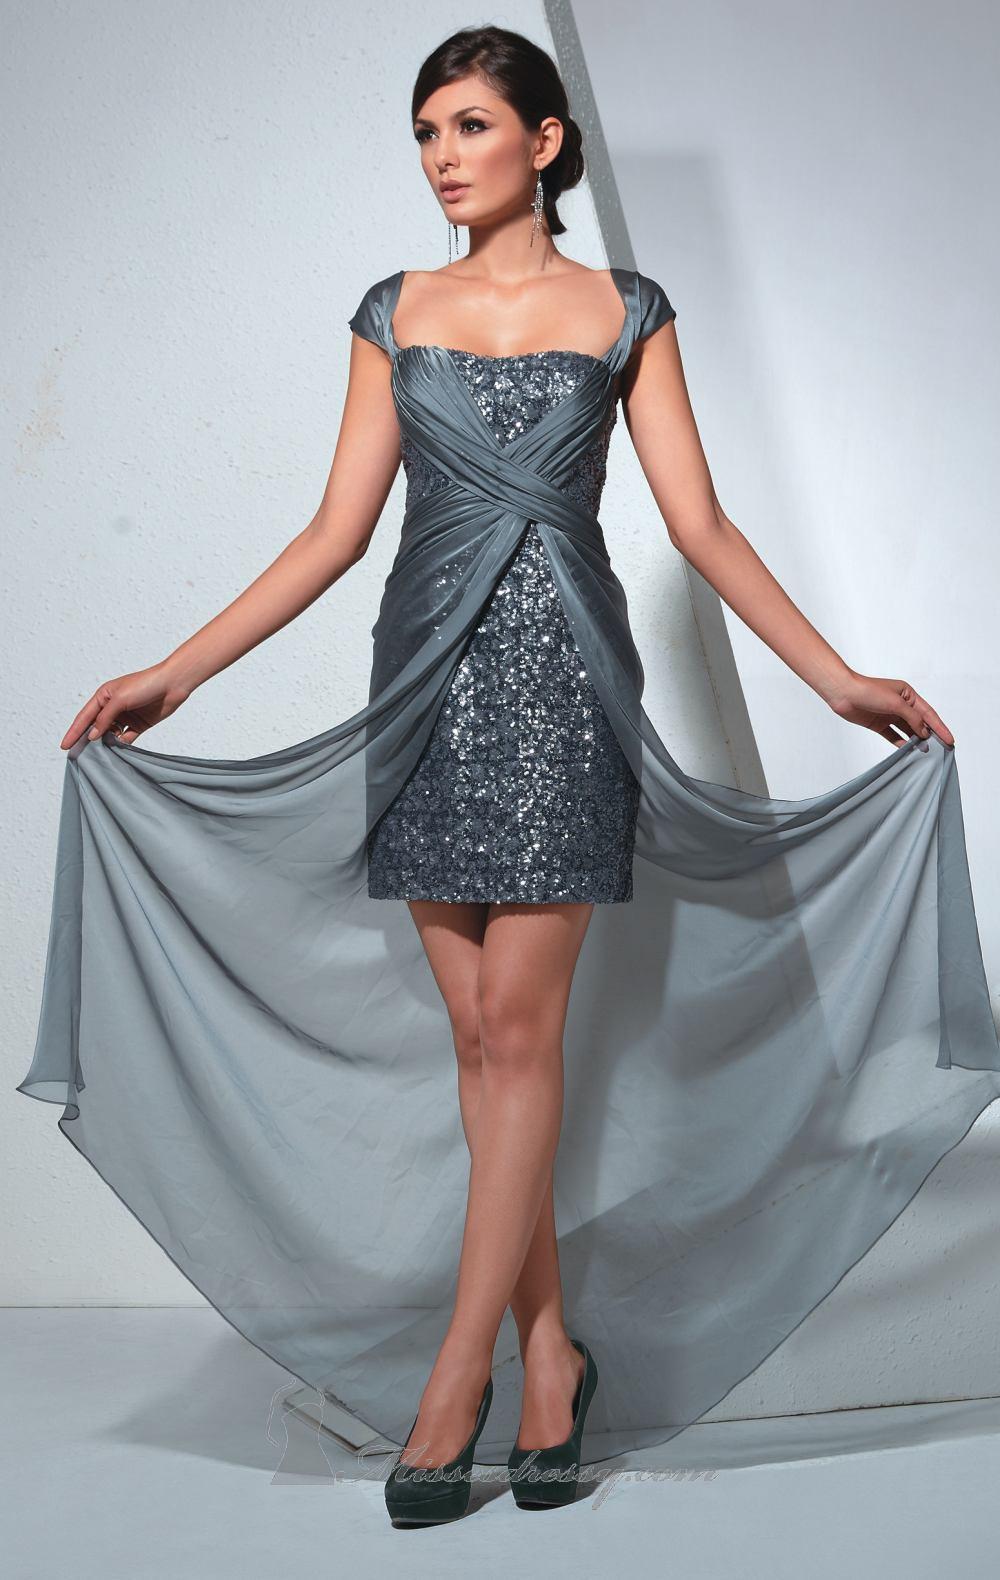 Ünlüler'den 2019 Kokteyl Elbise Modelleri